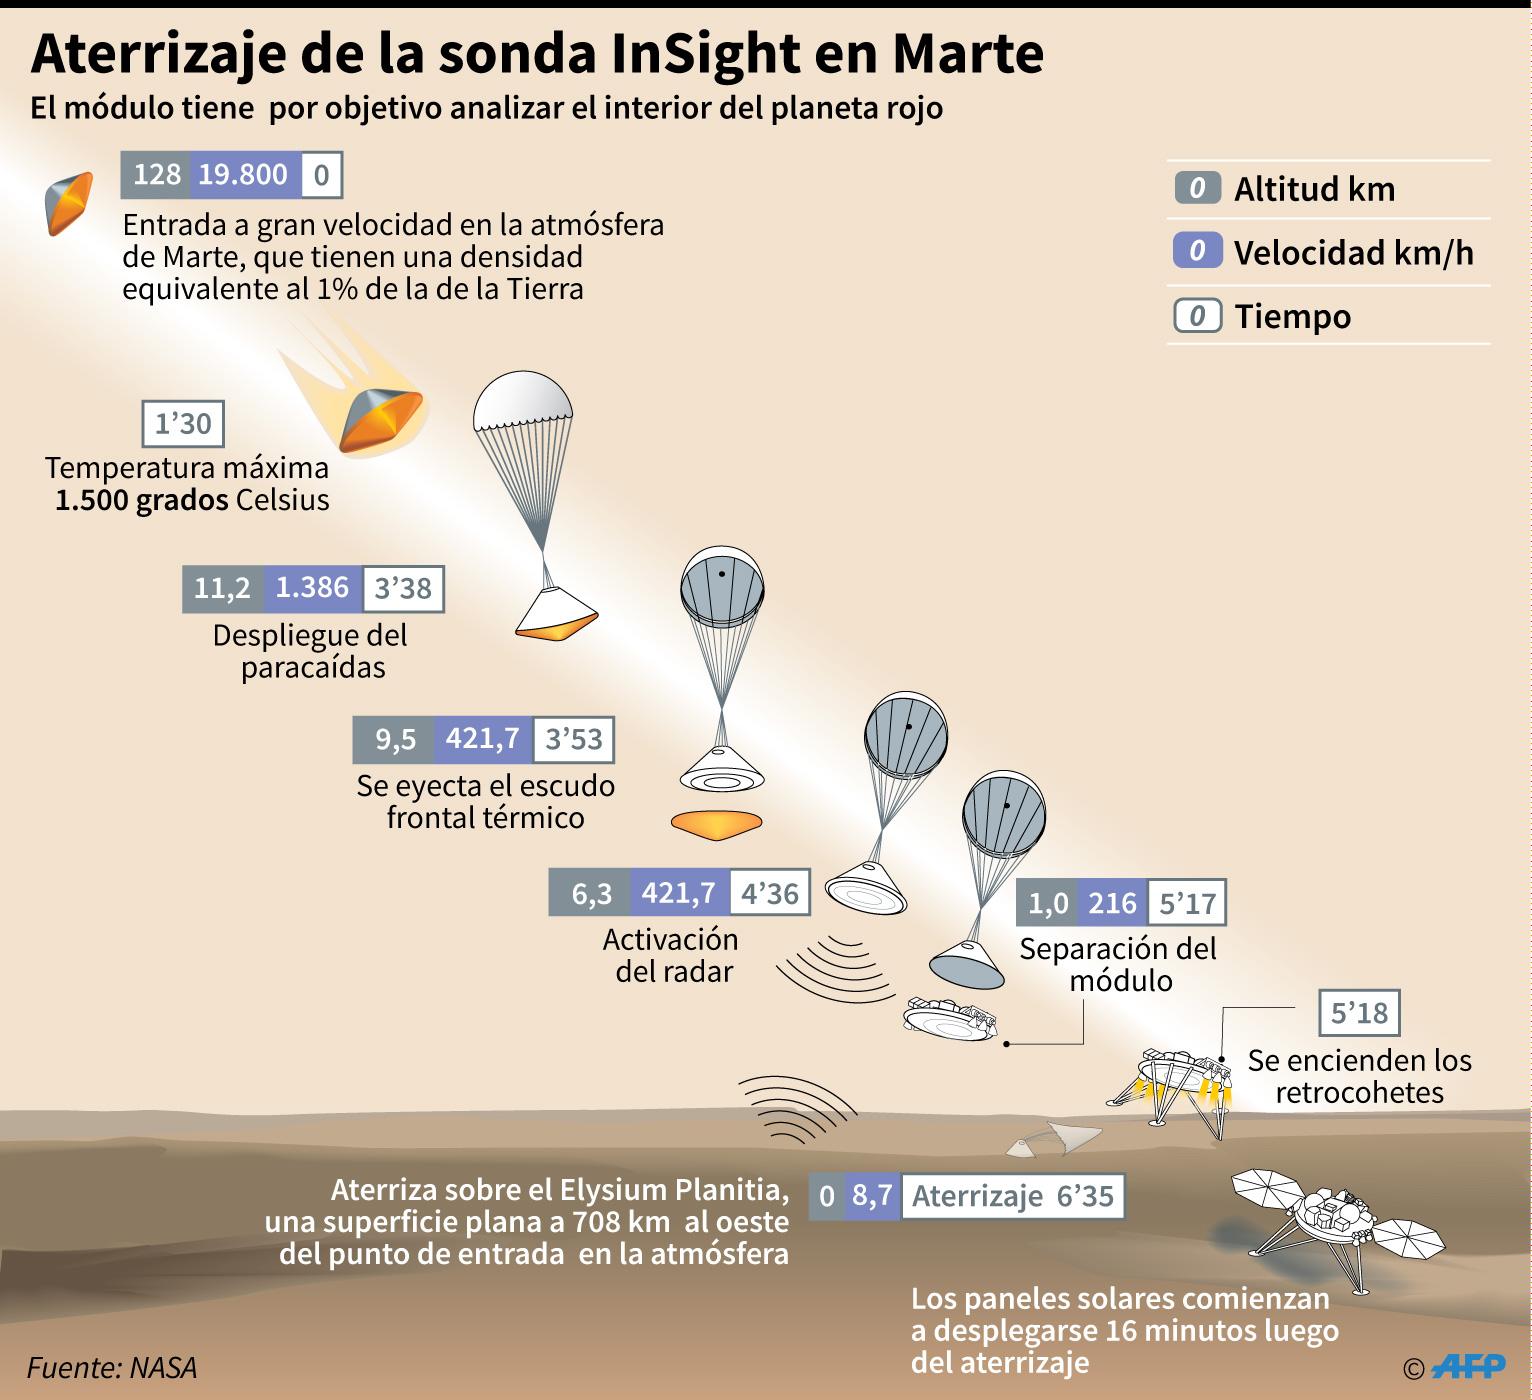 Infografía del aterrizaje de la sonda Insight en el planeta Marte. Fuente: AFP